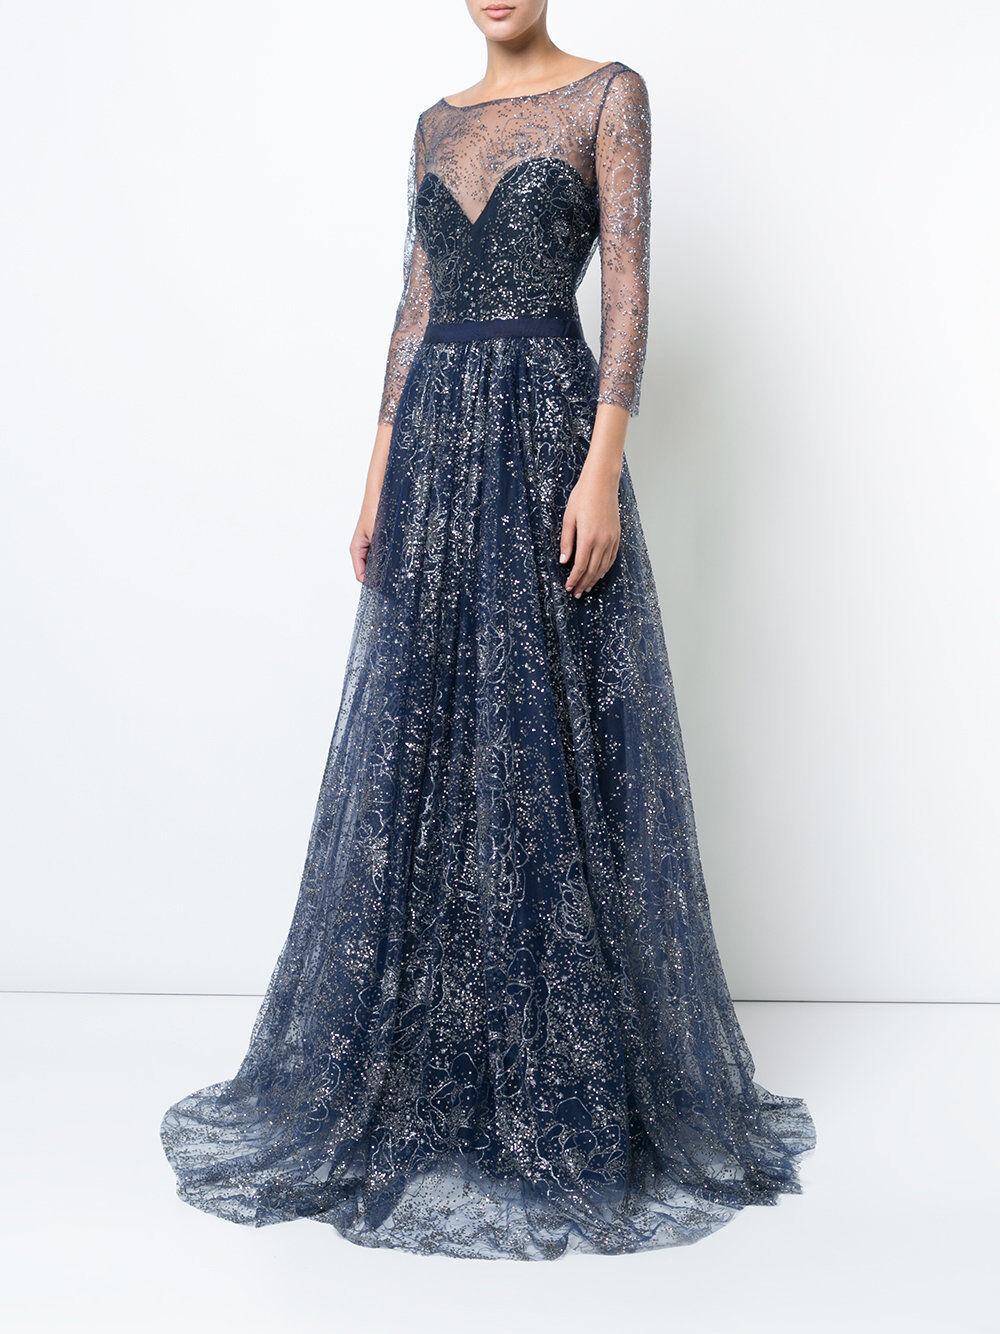 Neu Marchesa Notte Marine Blau Glitter Tüll Abendkleid Bestickt Kristallen 6 10